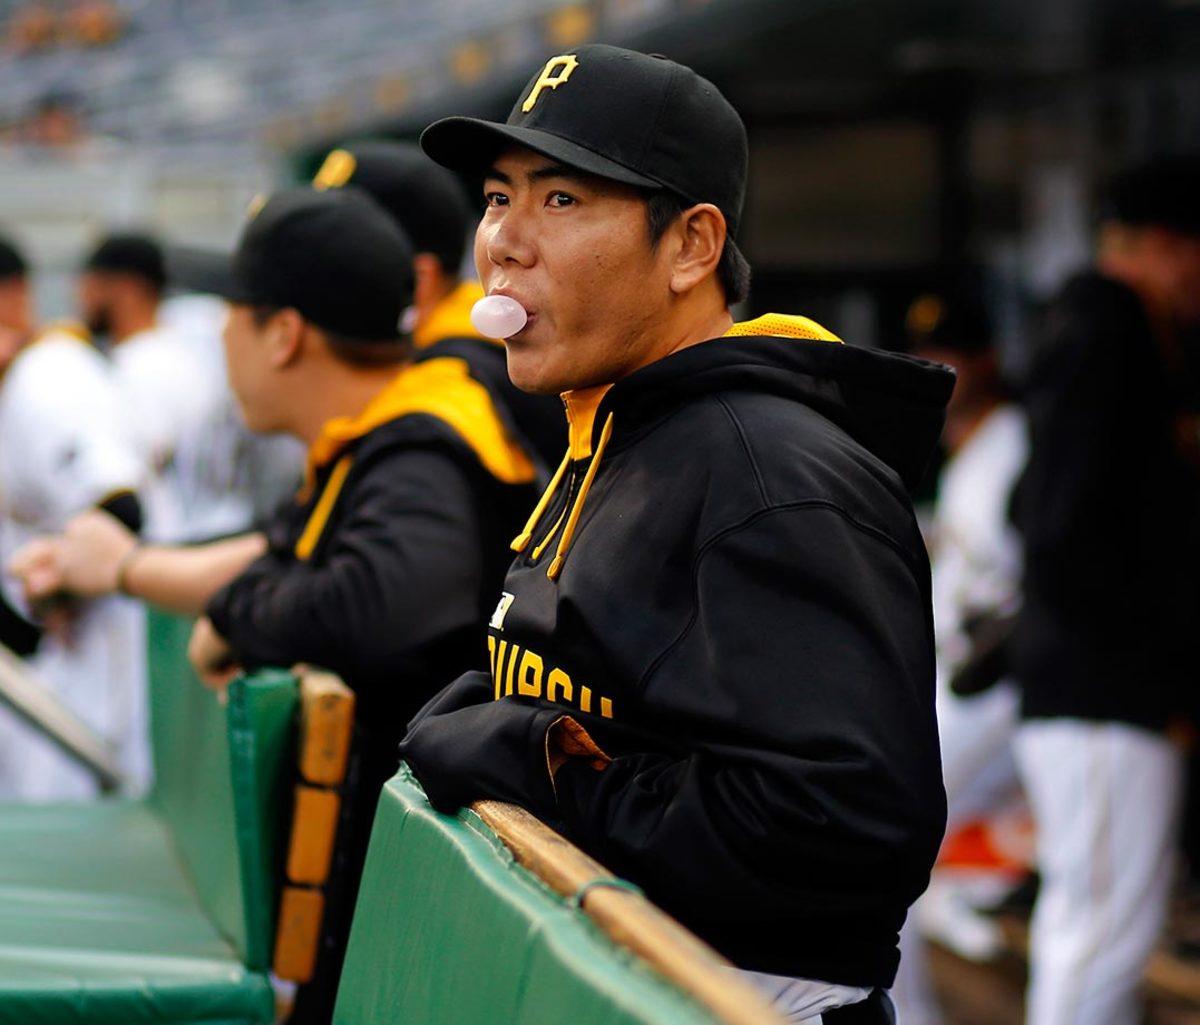 Jung-Ho-Kang-0254d91ee55c0ef-0.jpg